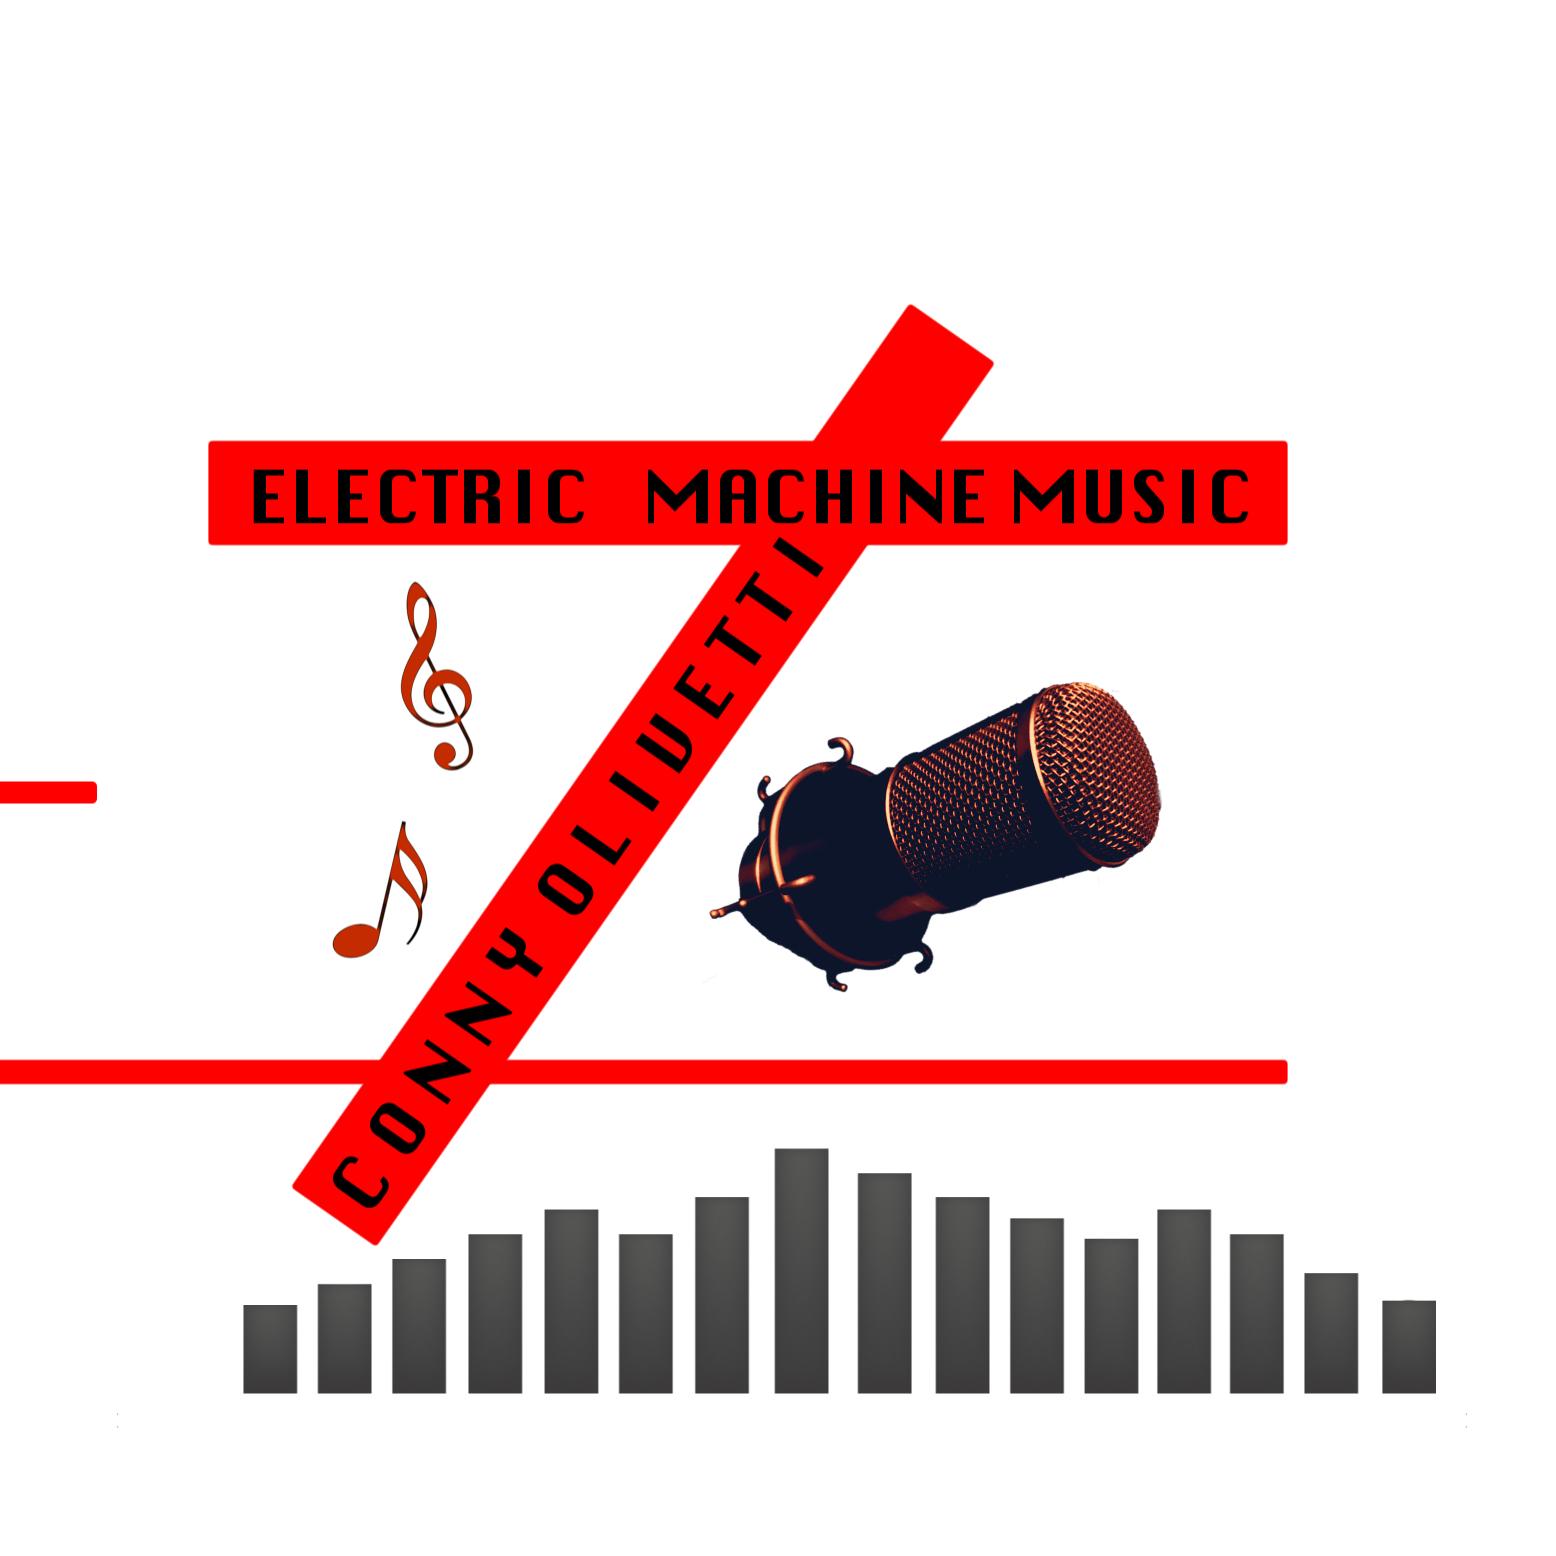 electric cover copy alt version 3